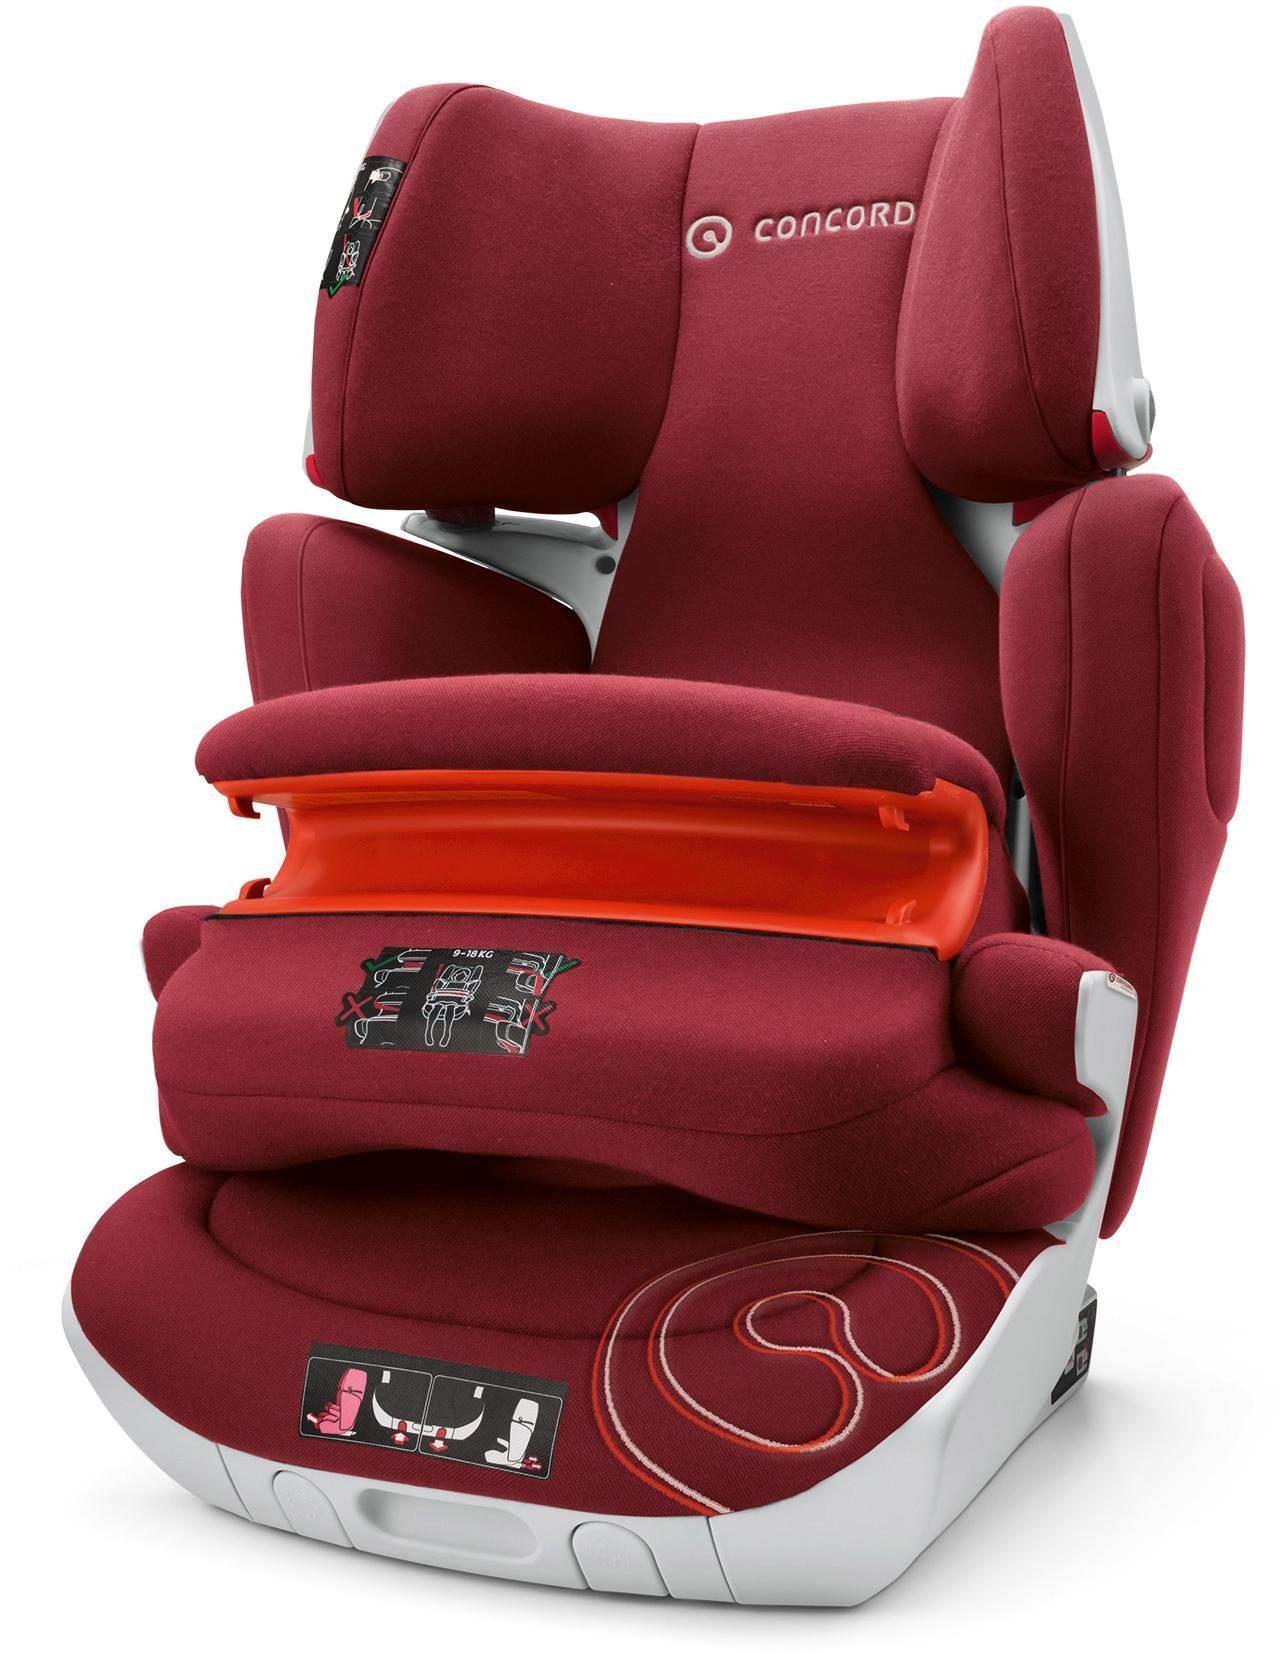 Concord Kindersitz, 9-36 kg, »Transformer XT Pro, Bordeaux Red«